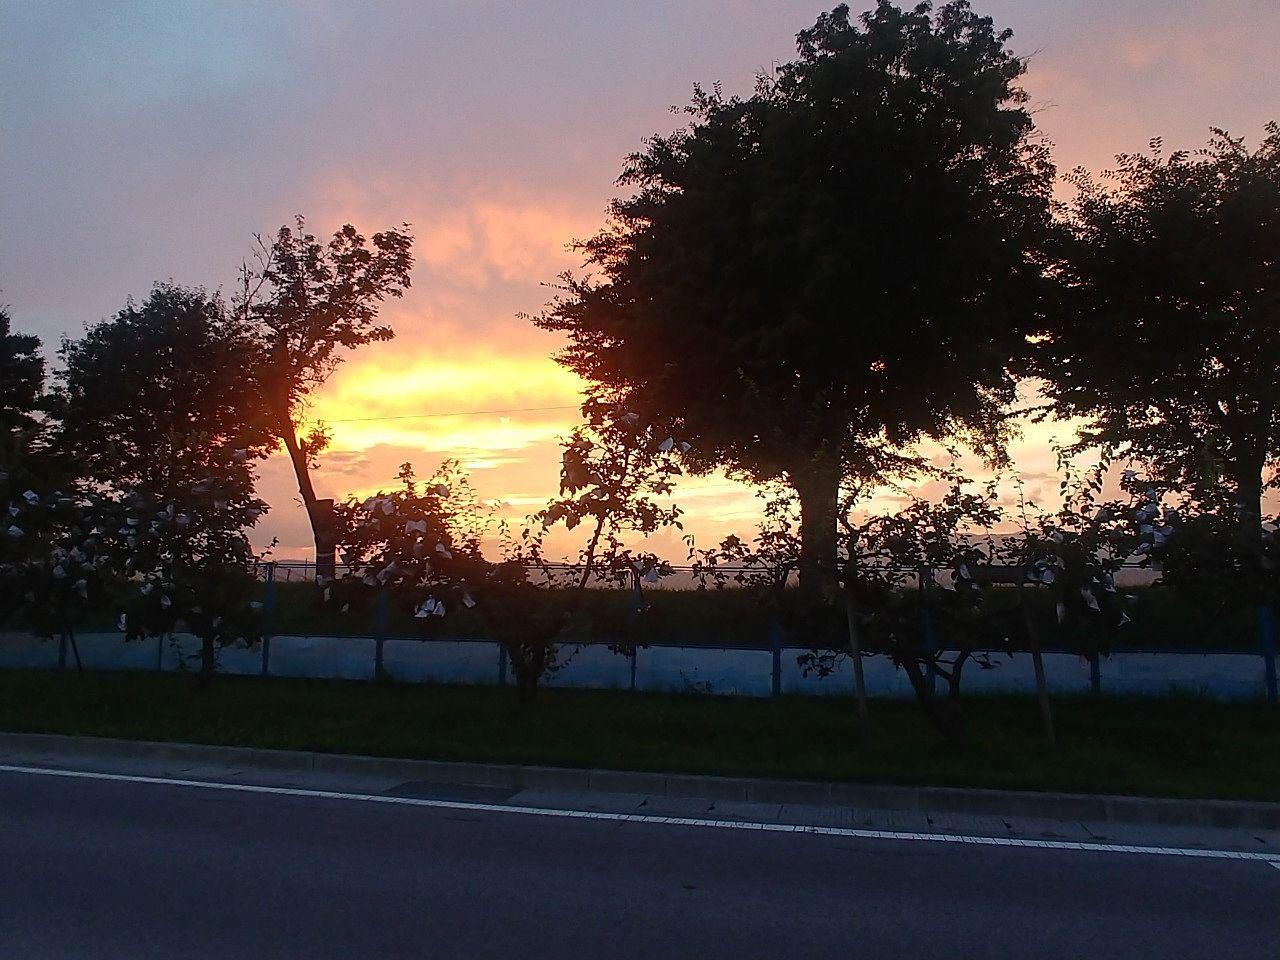 諏訪市湖岸通りで、かりん並木と夕日がきれいでした